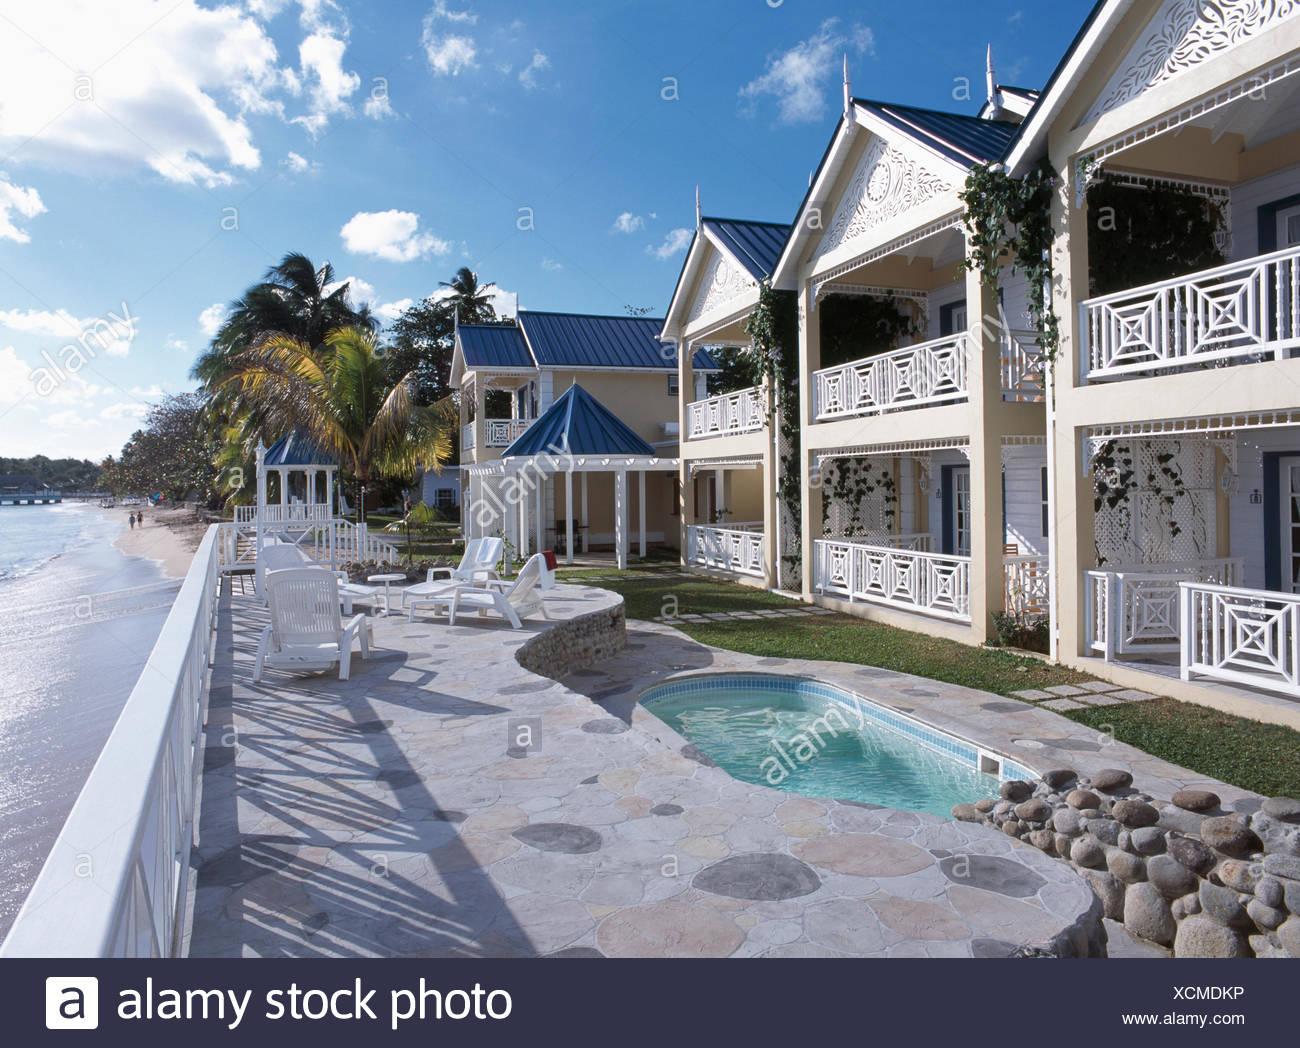 Kleiner Pool Auf Gepflasterten Terrasse Vor Grossen Haus Mit